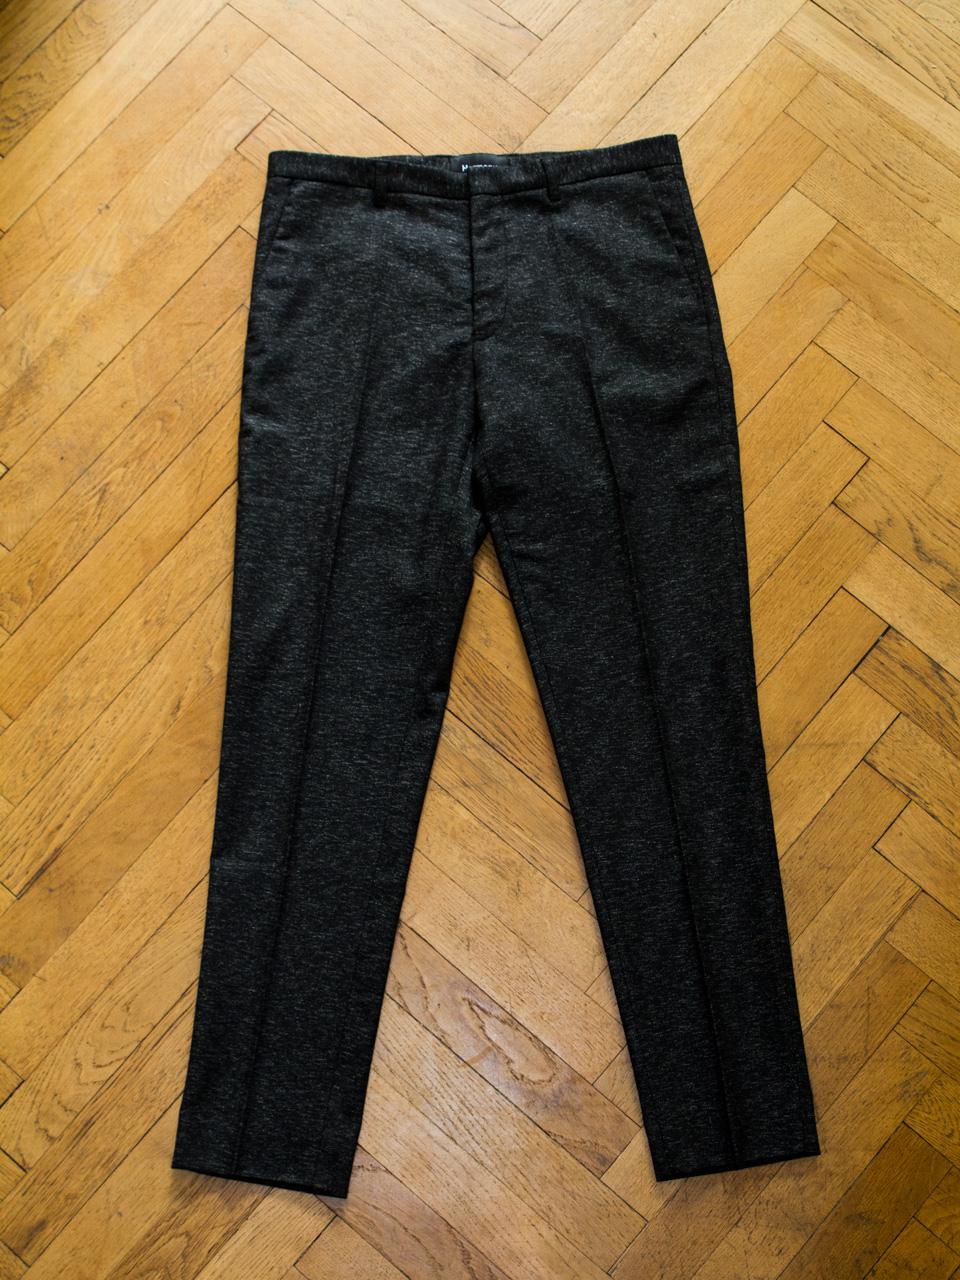 pantalon harmony paris peter heather black